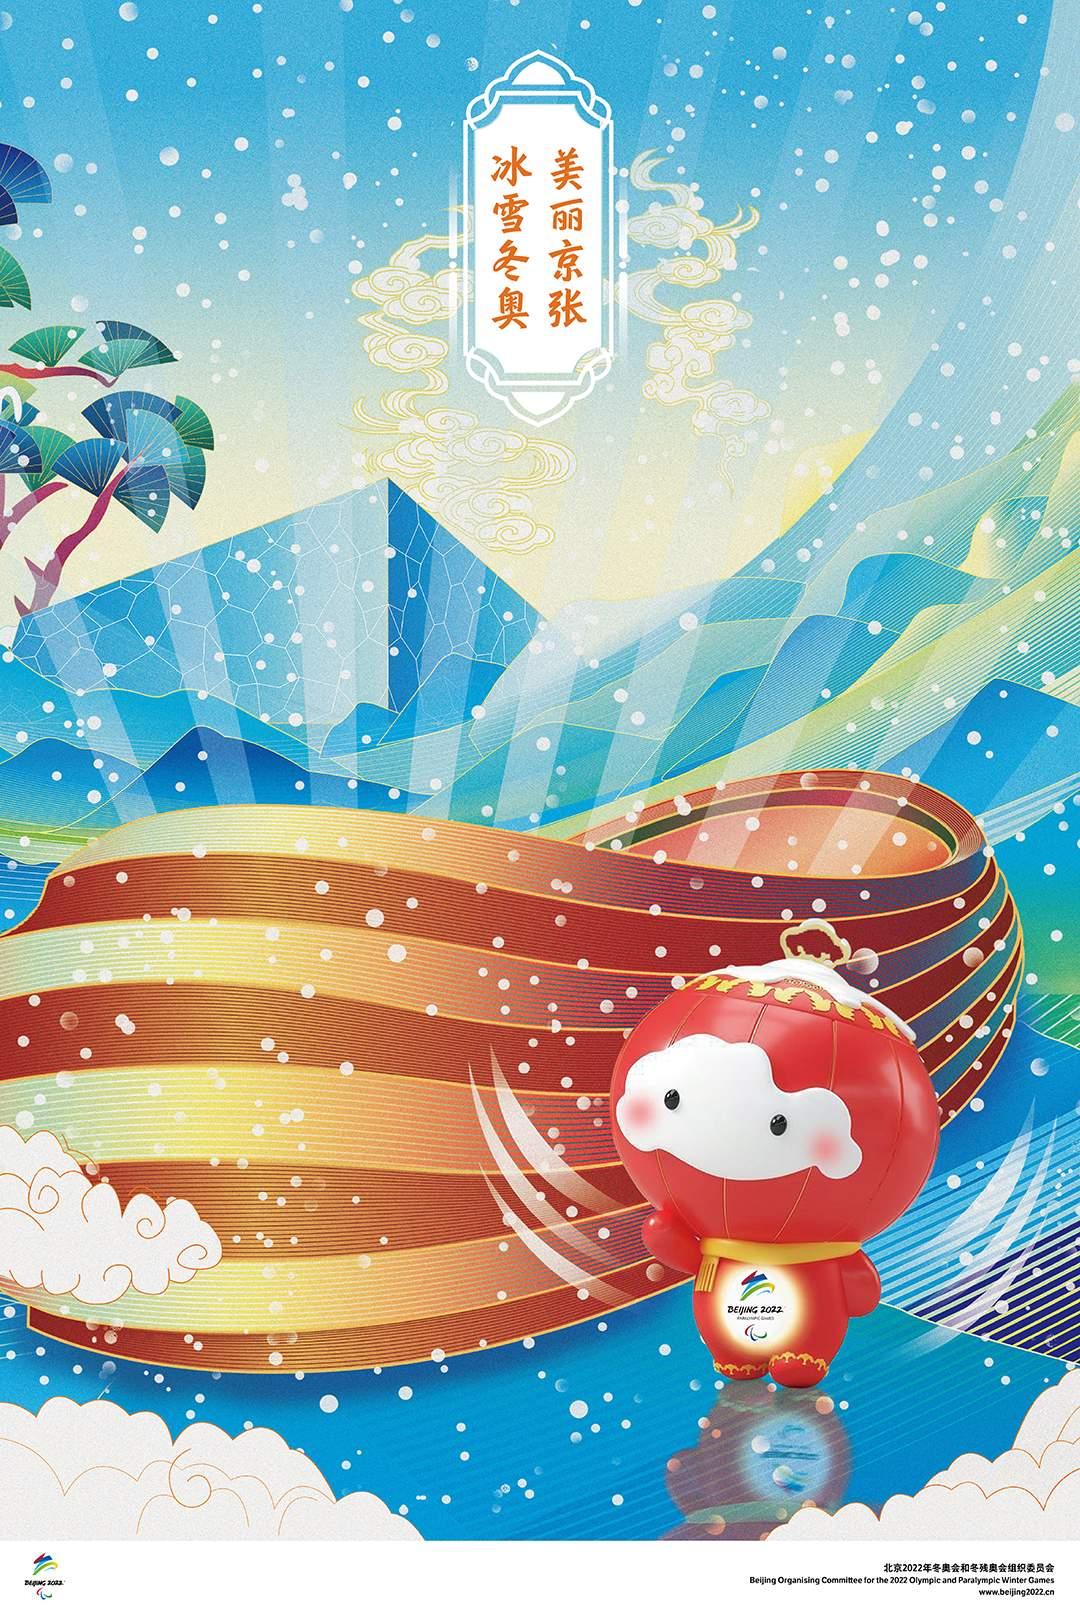 作品名:《冰雪冬奧 美麗北京》作者:趙璐、奉濤、王雪凌 (來自:北京冬奧組委官網)